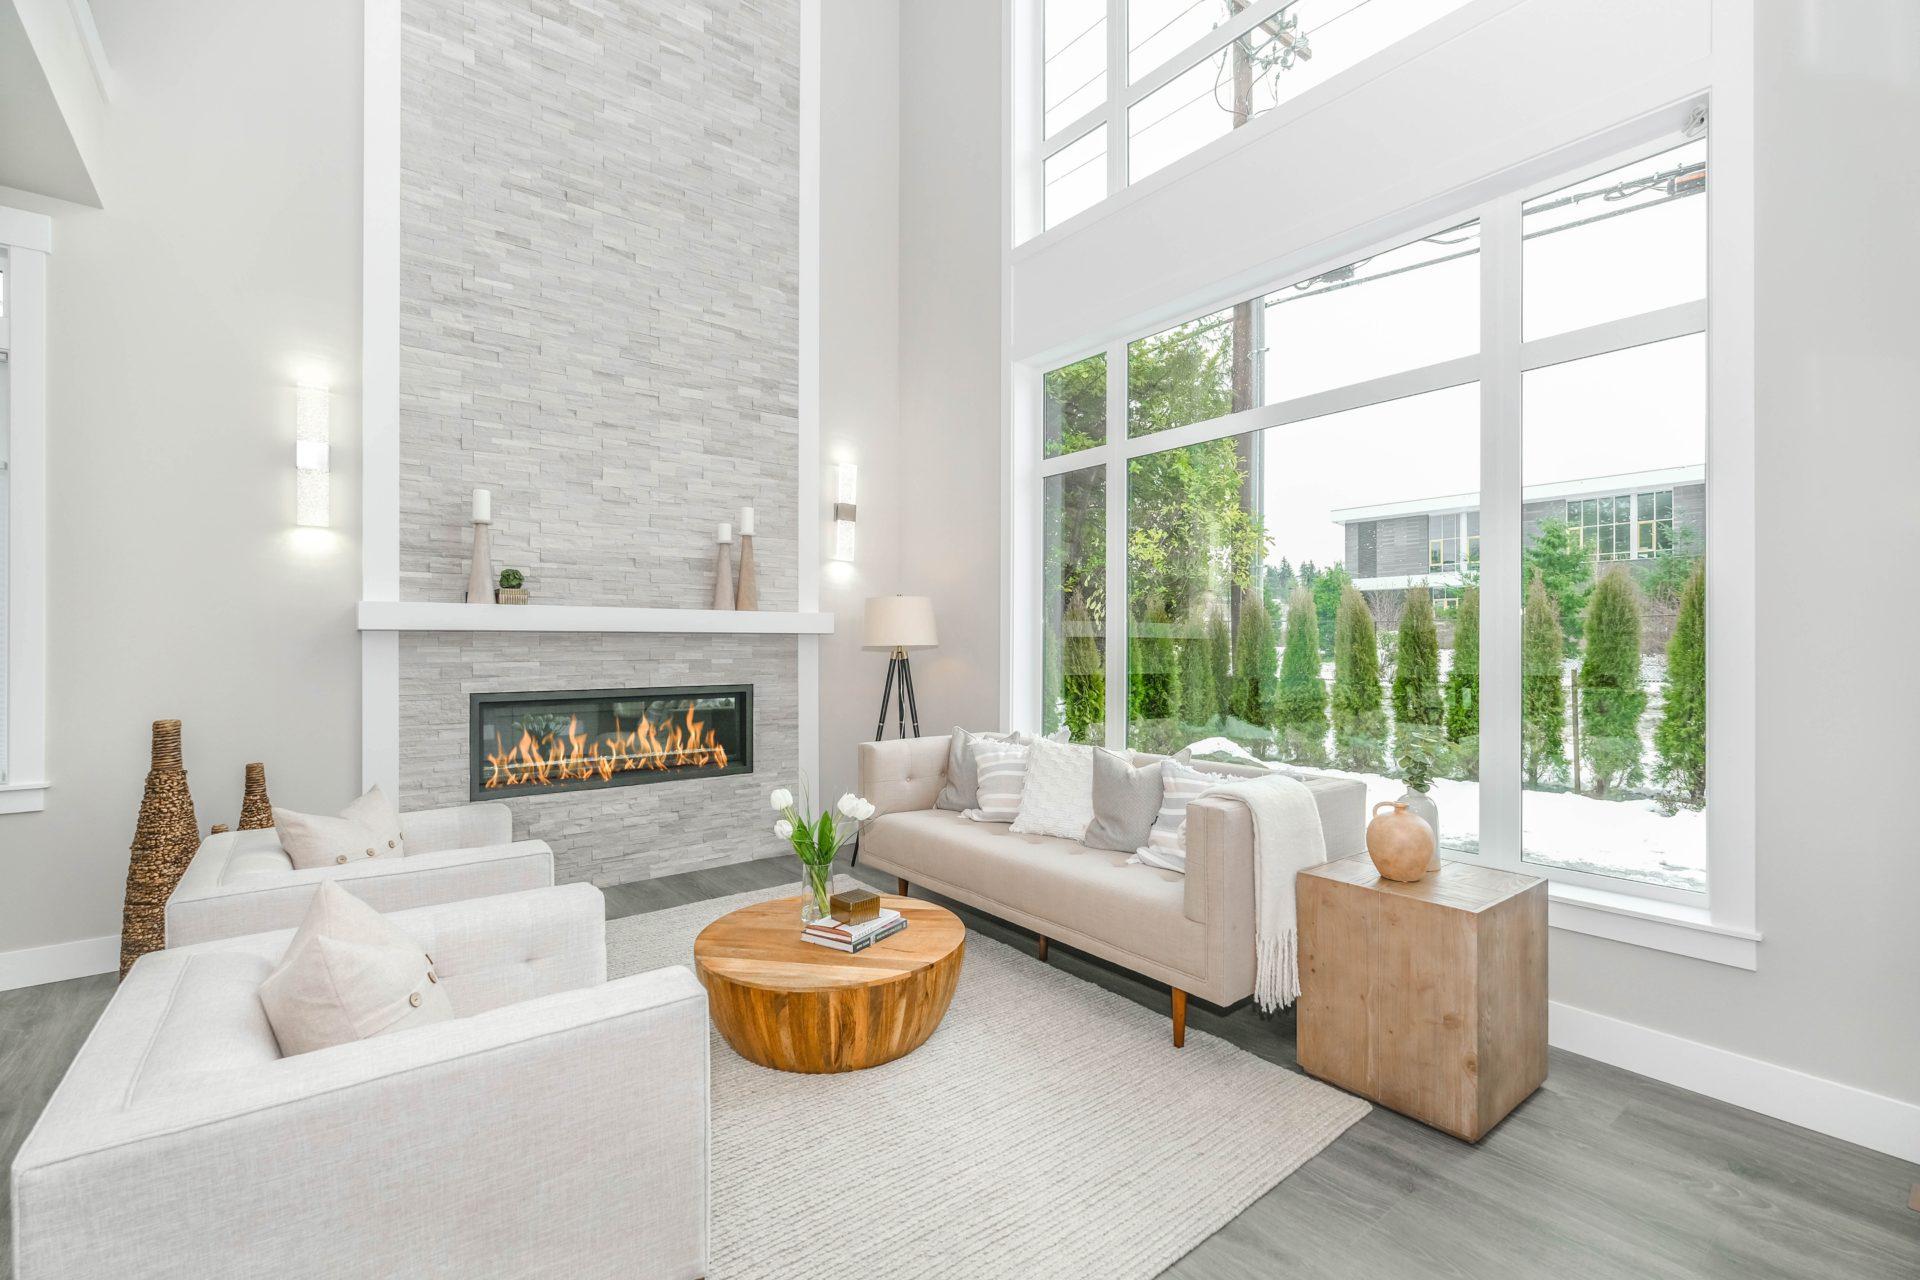 un salon cosy avec une cheminée comme système de chauffage au bois